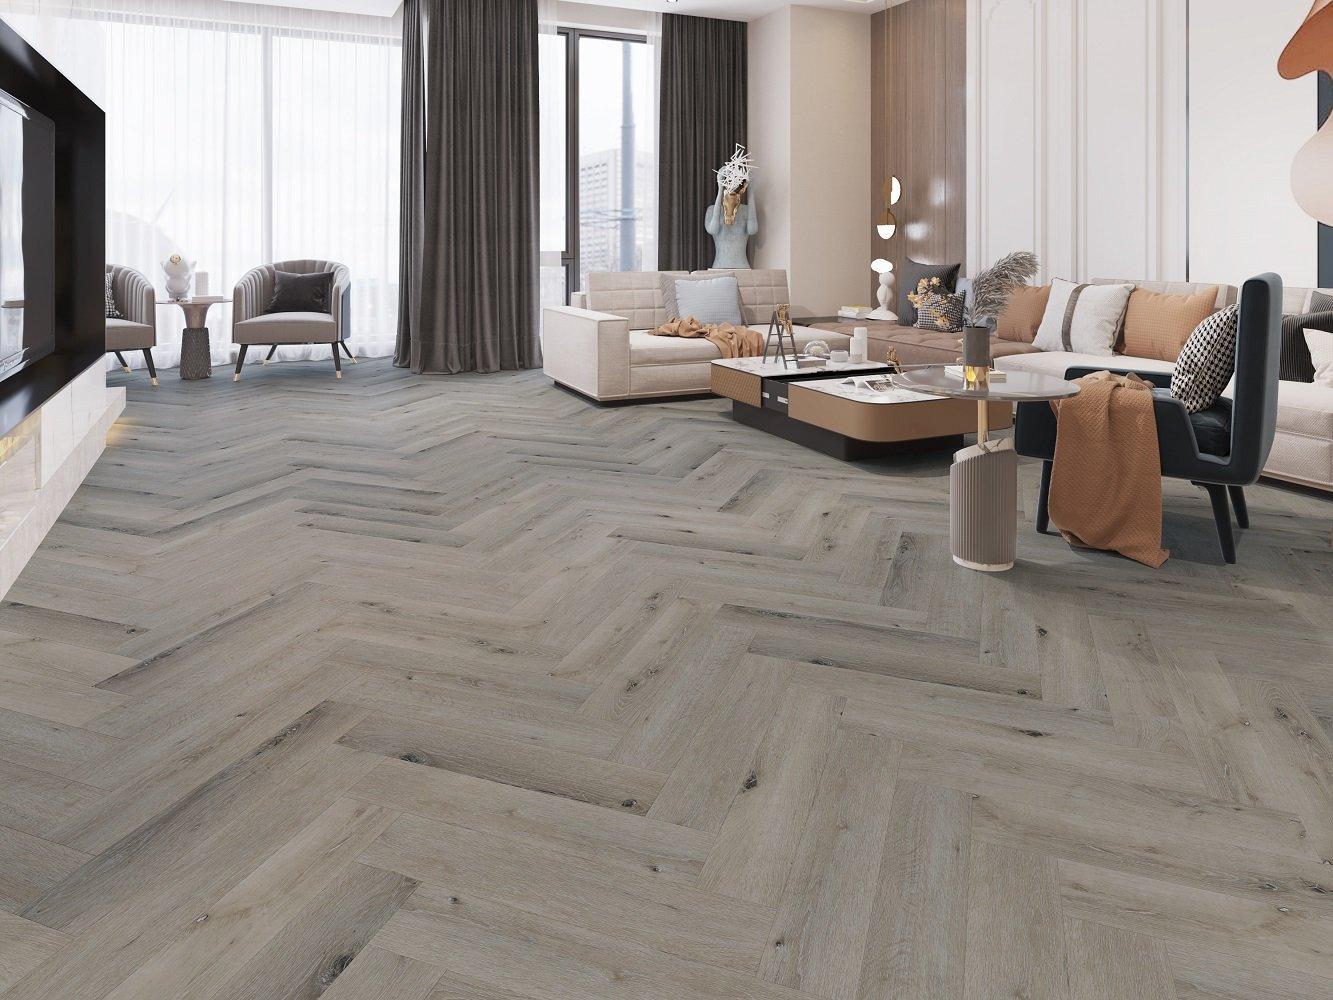 Alpha Floors Spc Rigid Click Visgraat Pvc Vloer Zacht Eiken Grijs 127 X 615